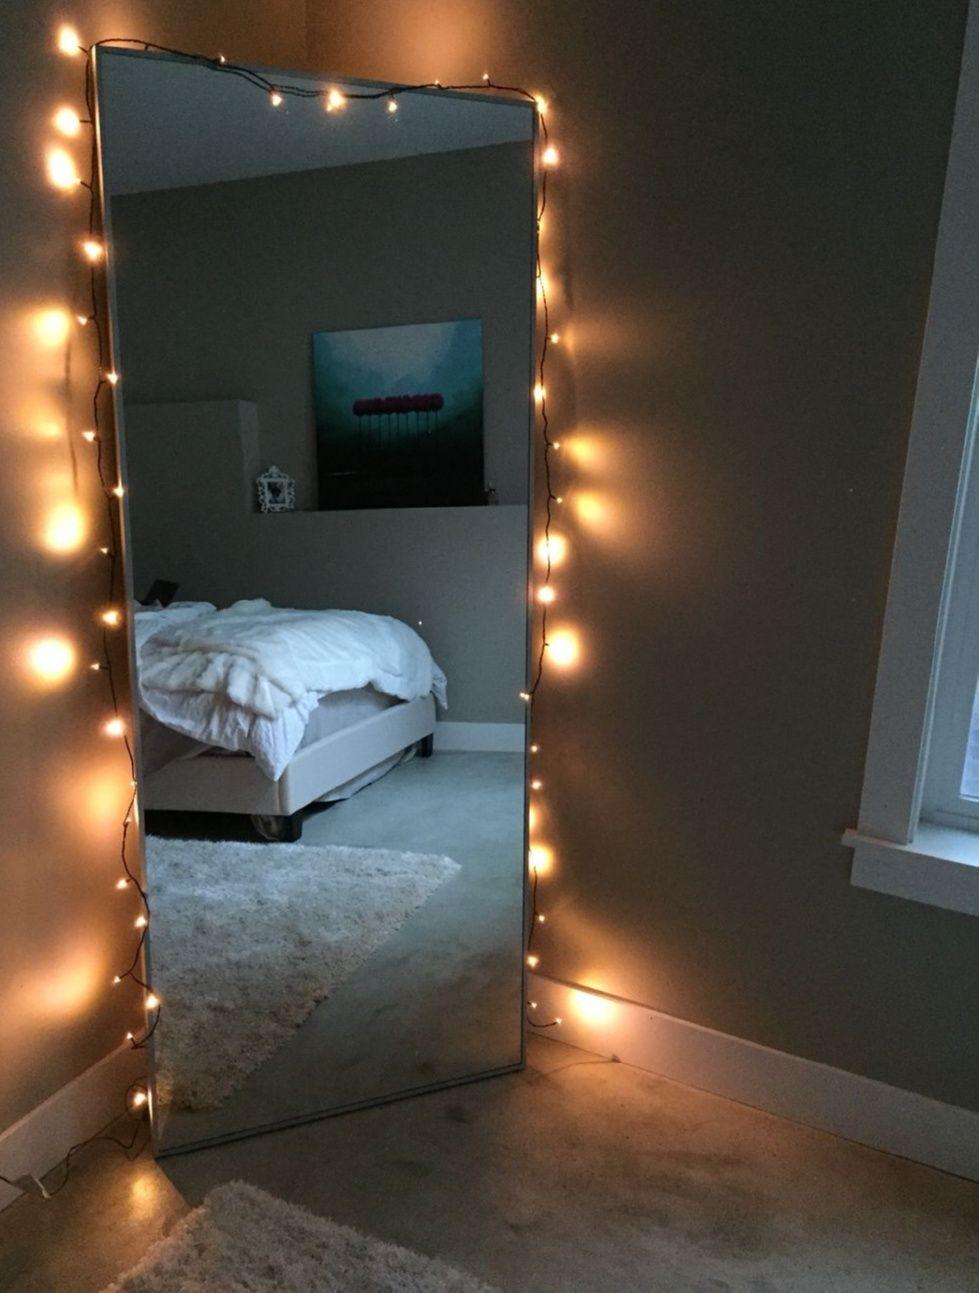 Miroir de la chambre debout. Miroir avec guirlande lumineuse .. Miroir avec guirlande lumineuse. …